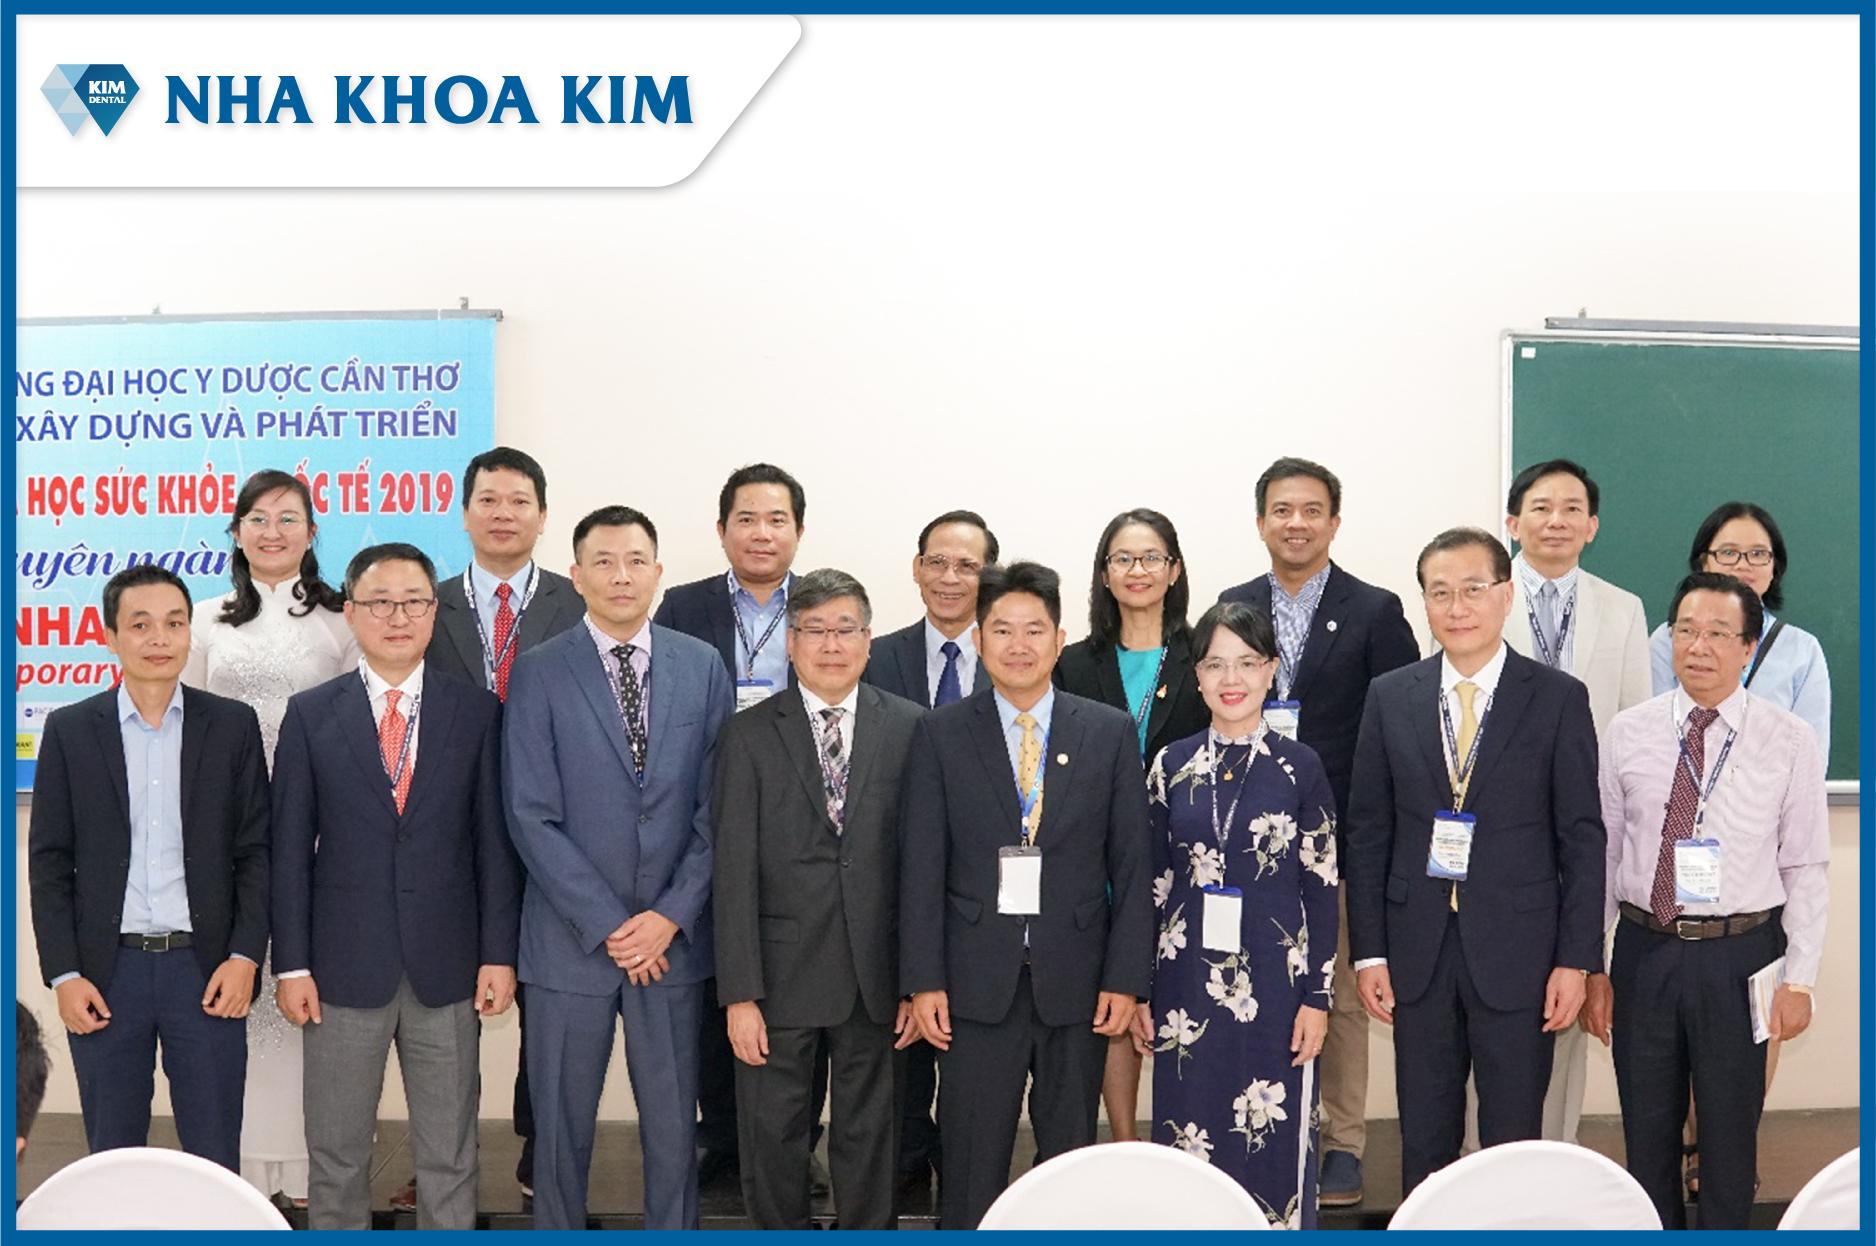 hội nghị khoa học sức khỏe quốc tế